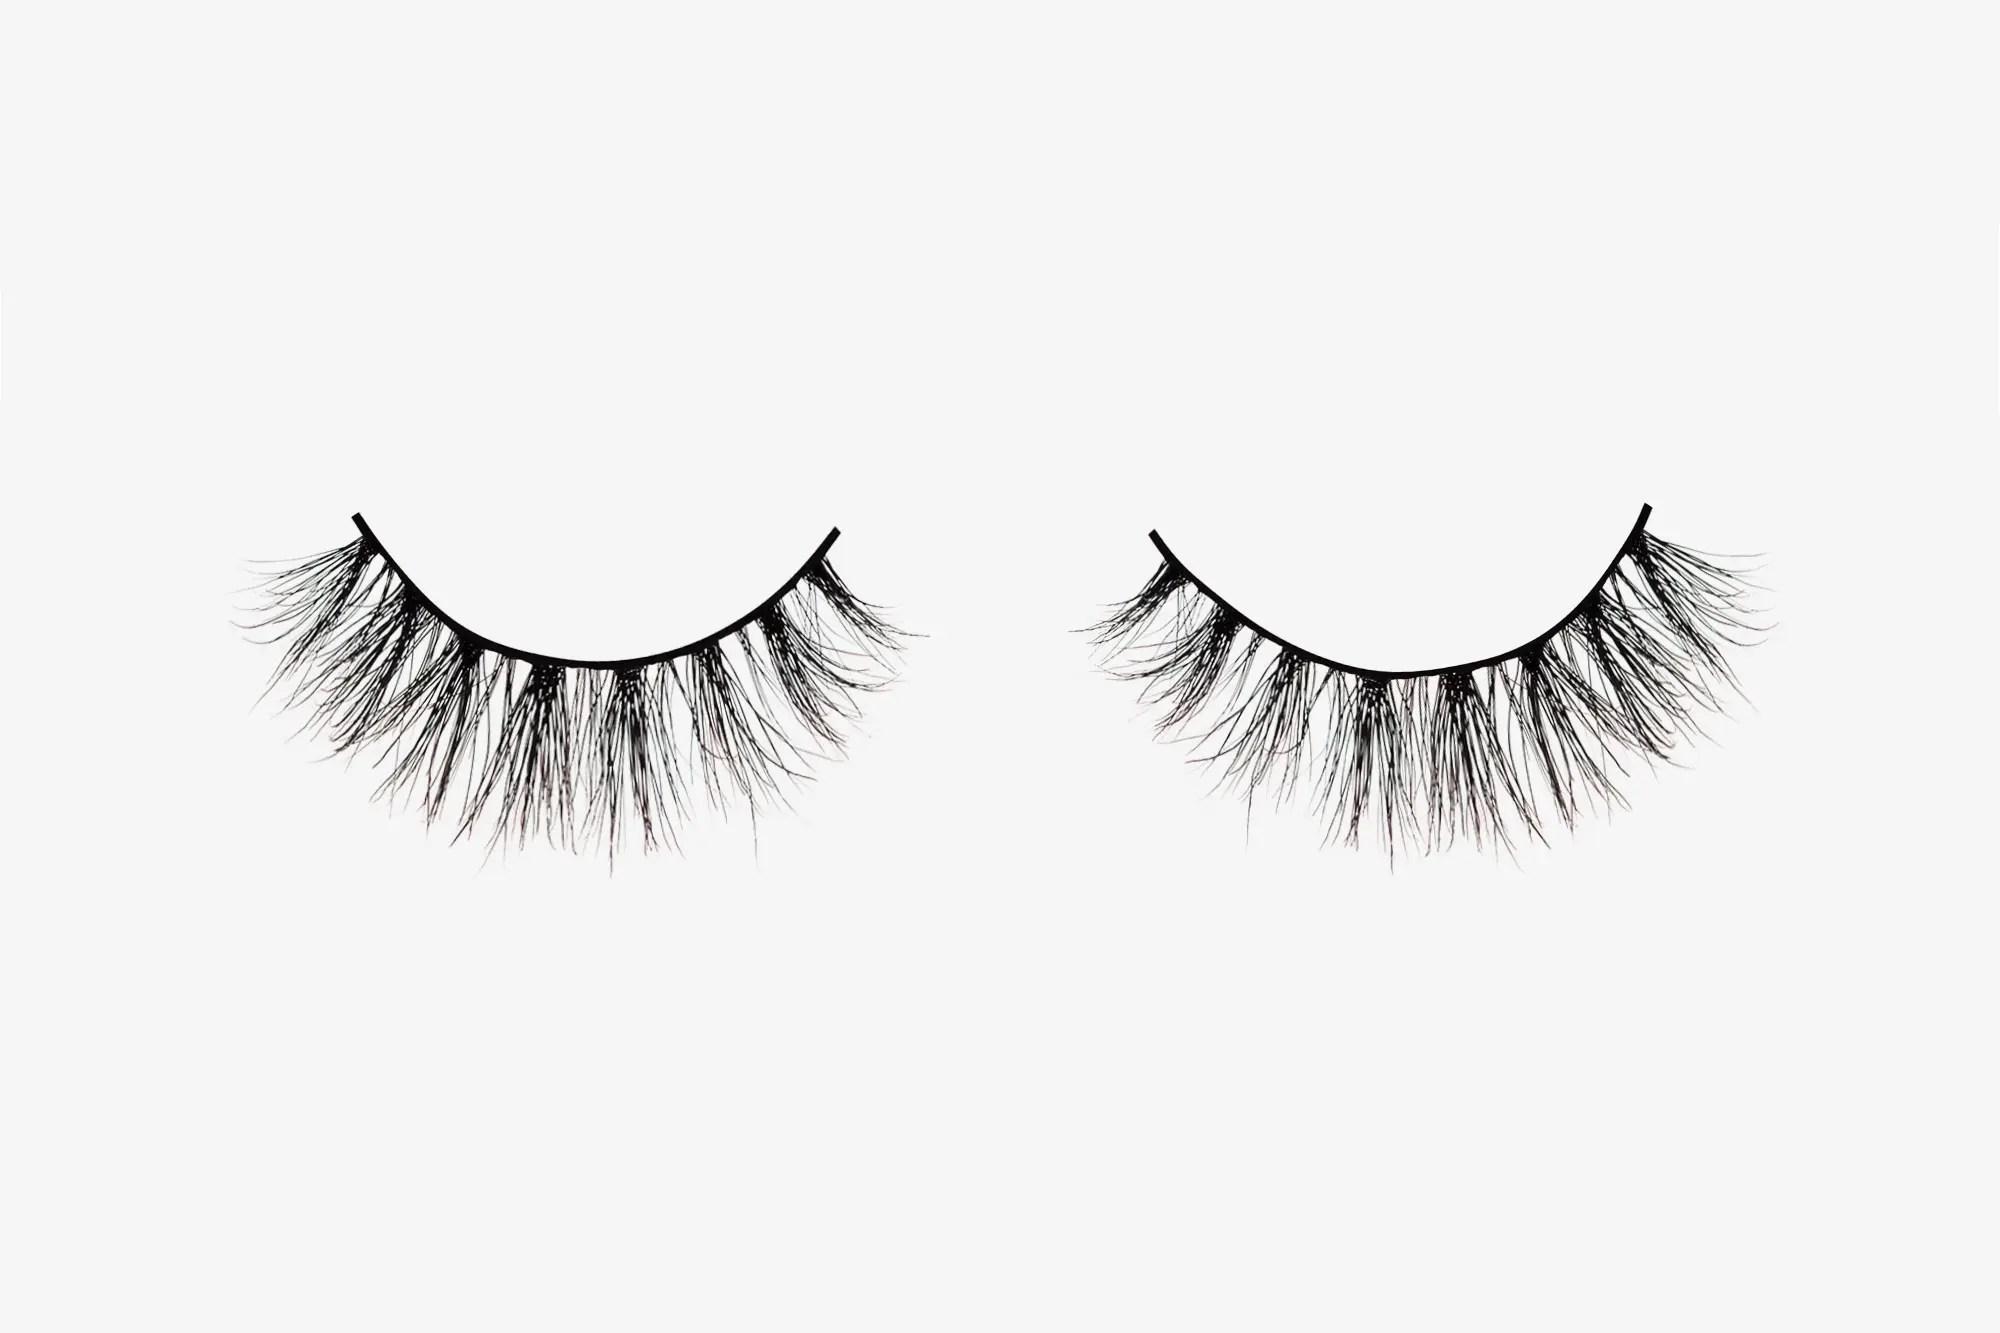 Nina Mink Lashes, two false eyelashes side by side on grey background